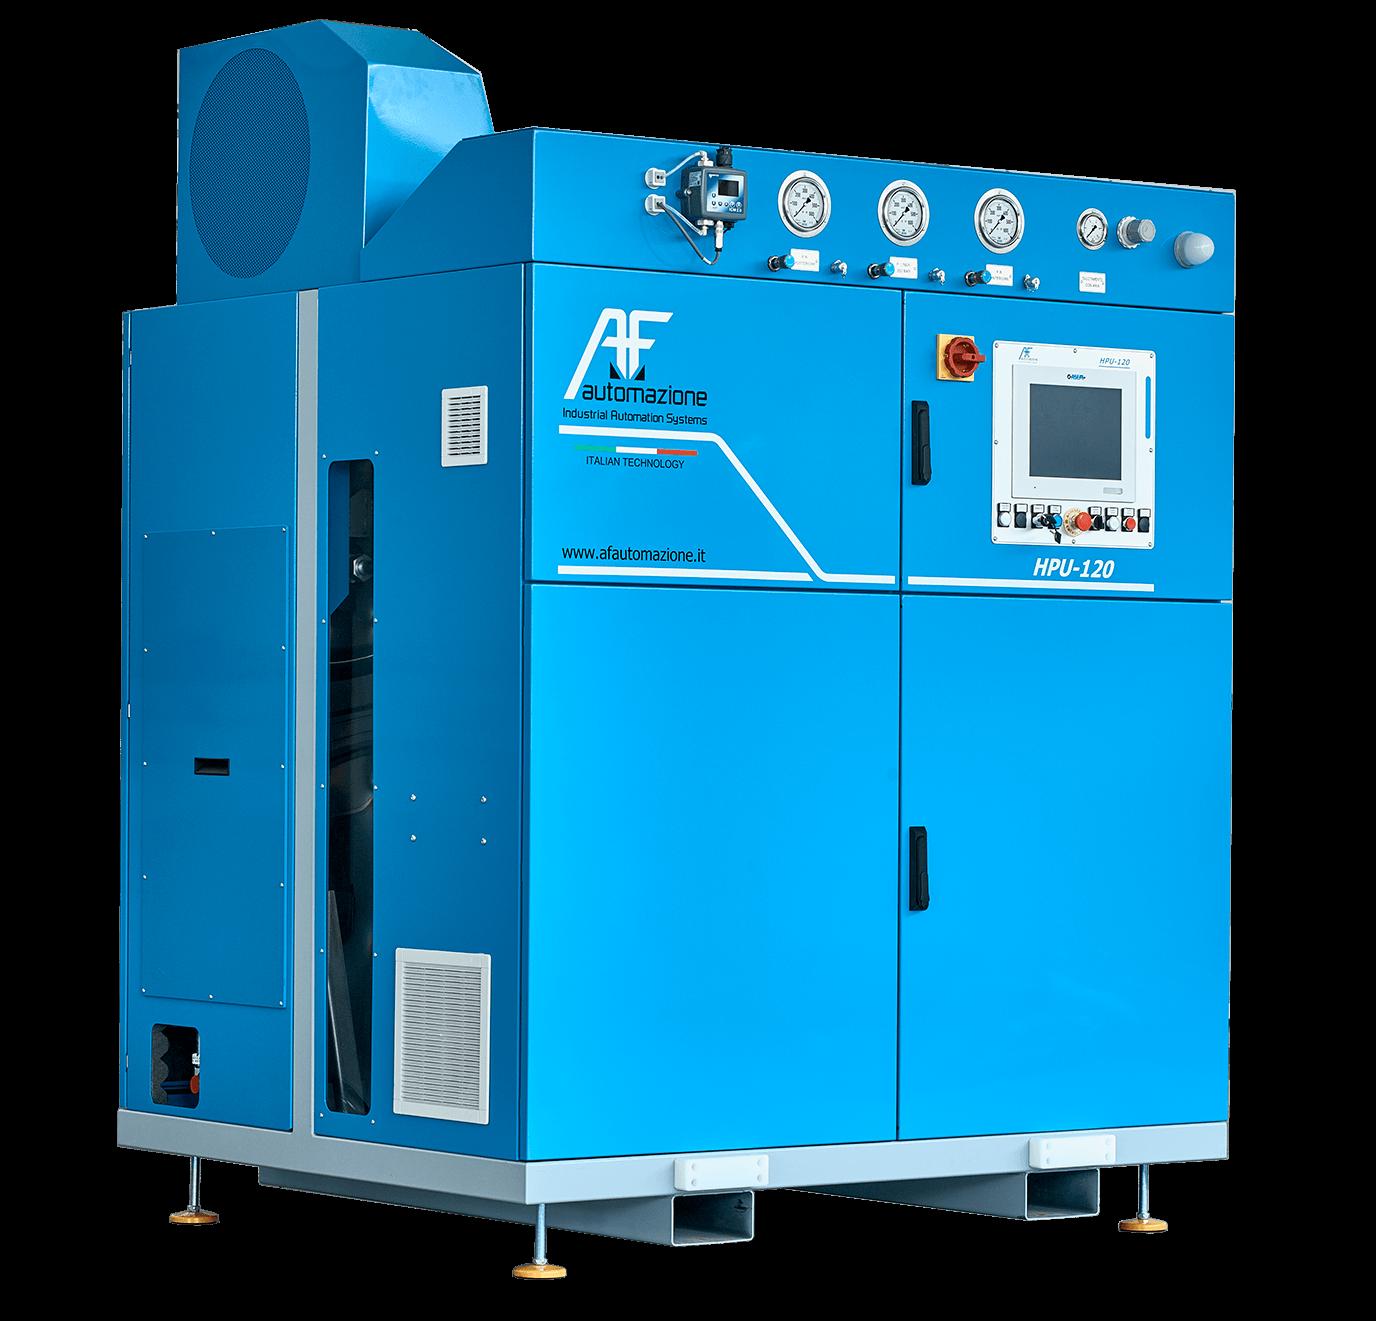 The hydraulic power unit 2